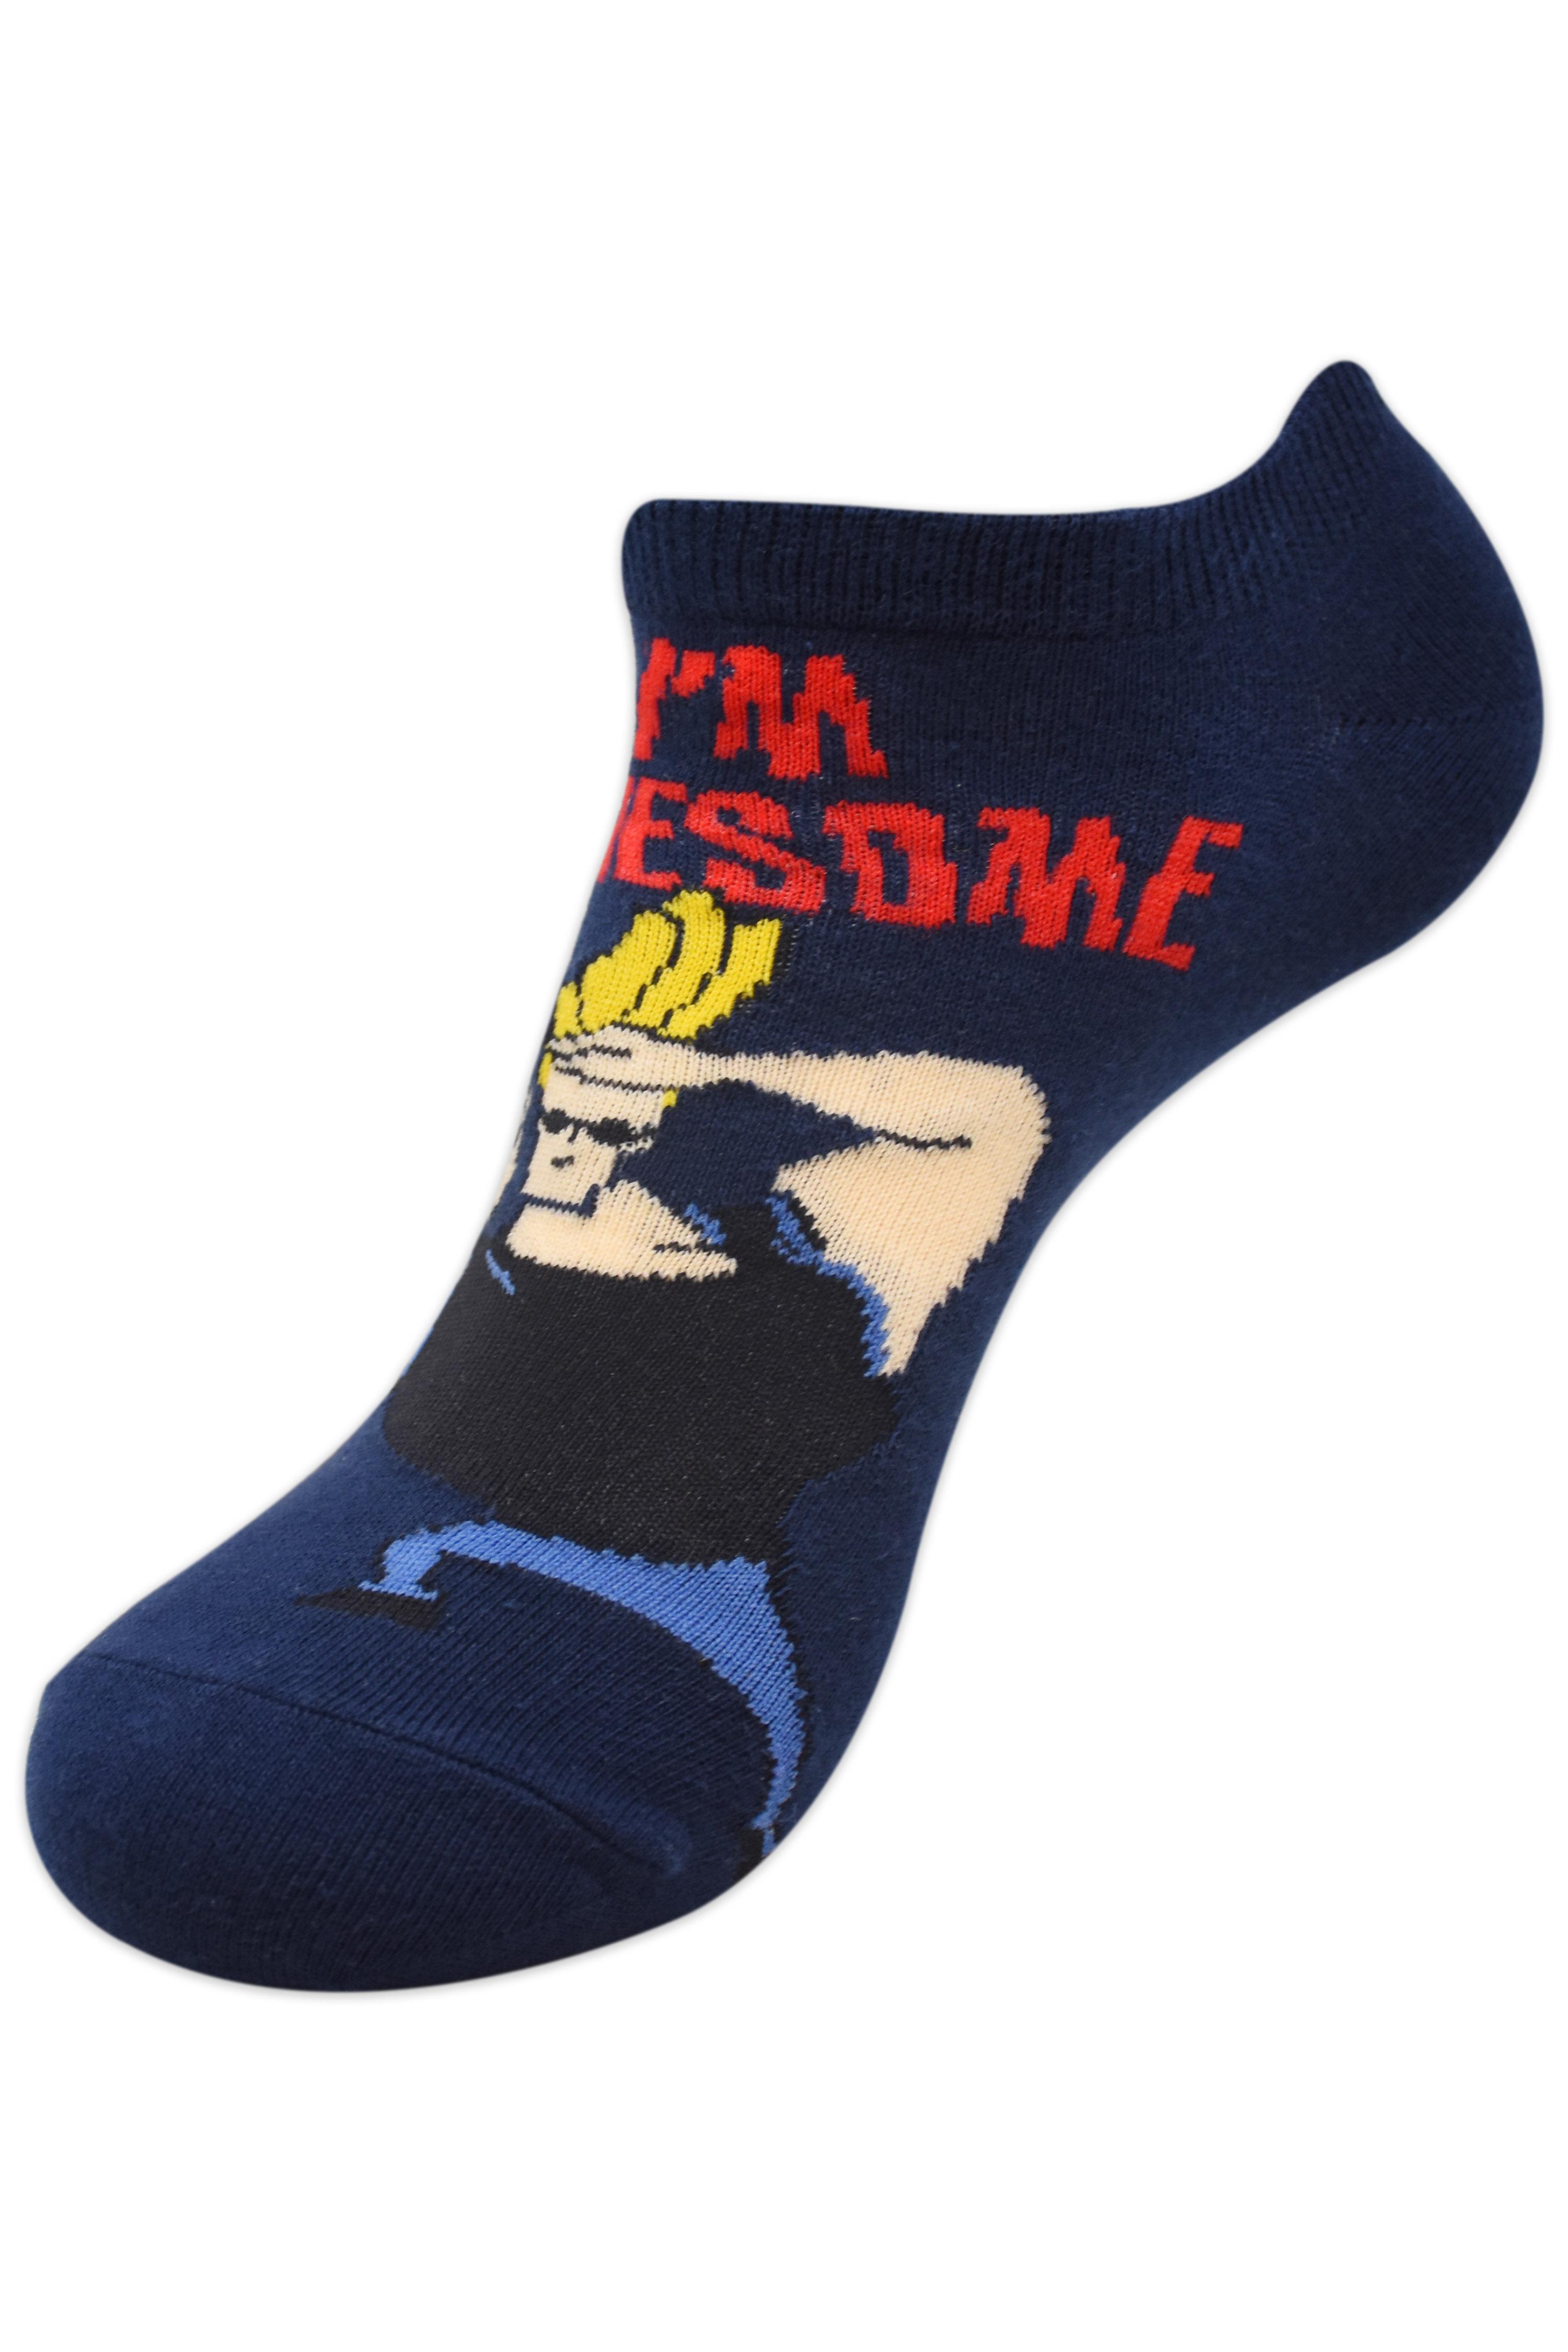 Johnny Bravo Men   I'm Awesome  Low Cut Socks by Balenzia